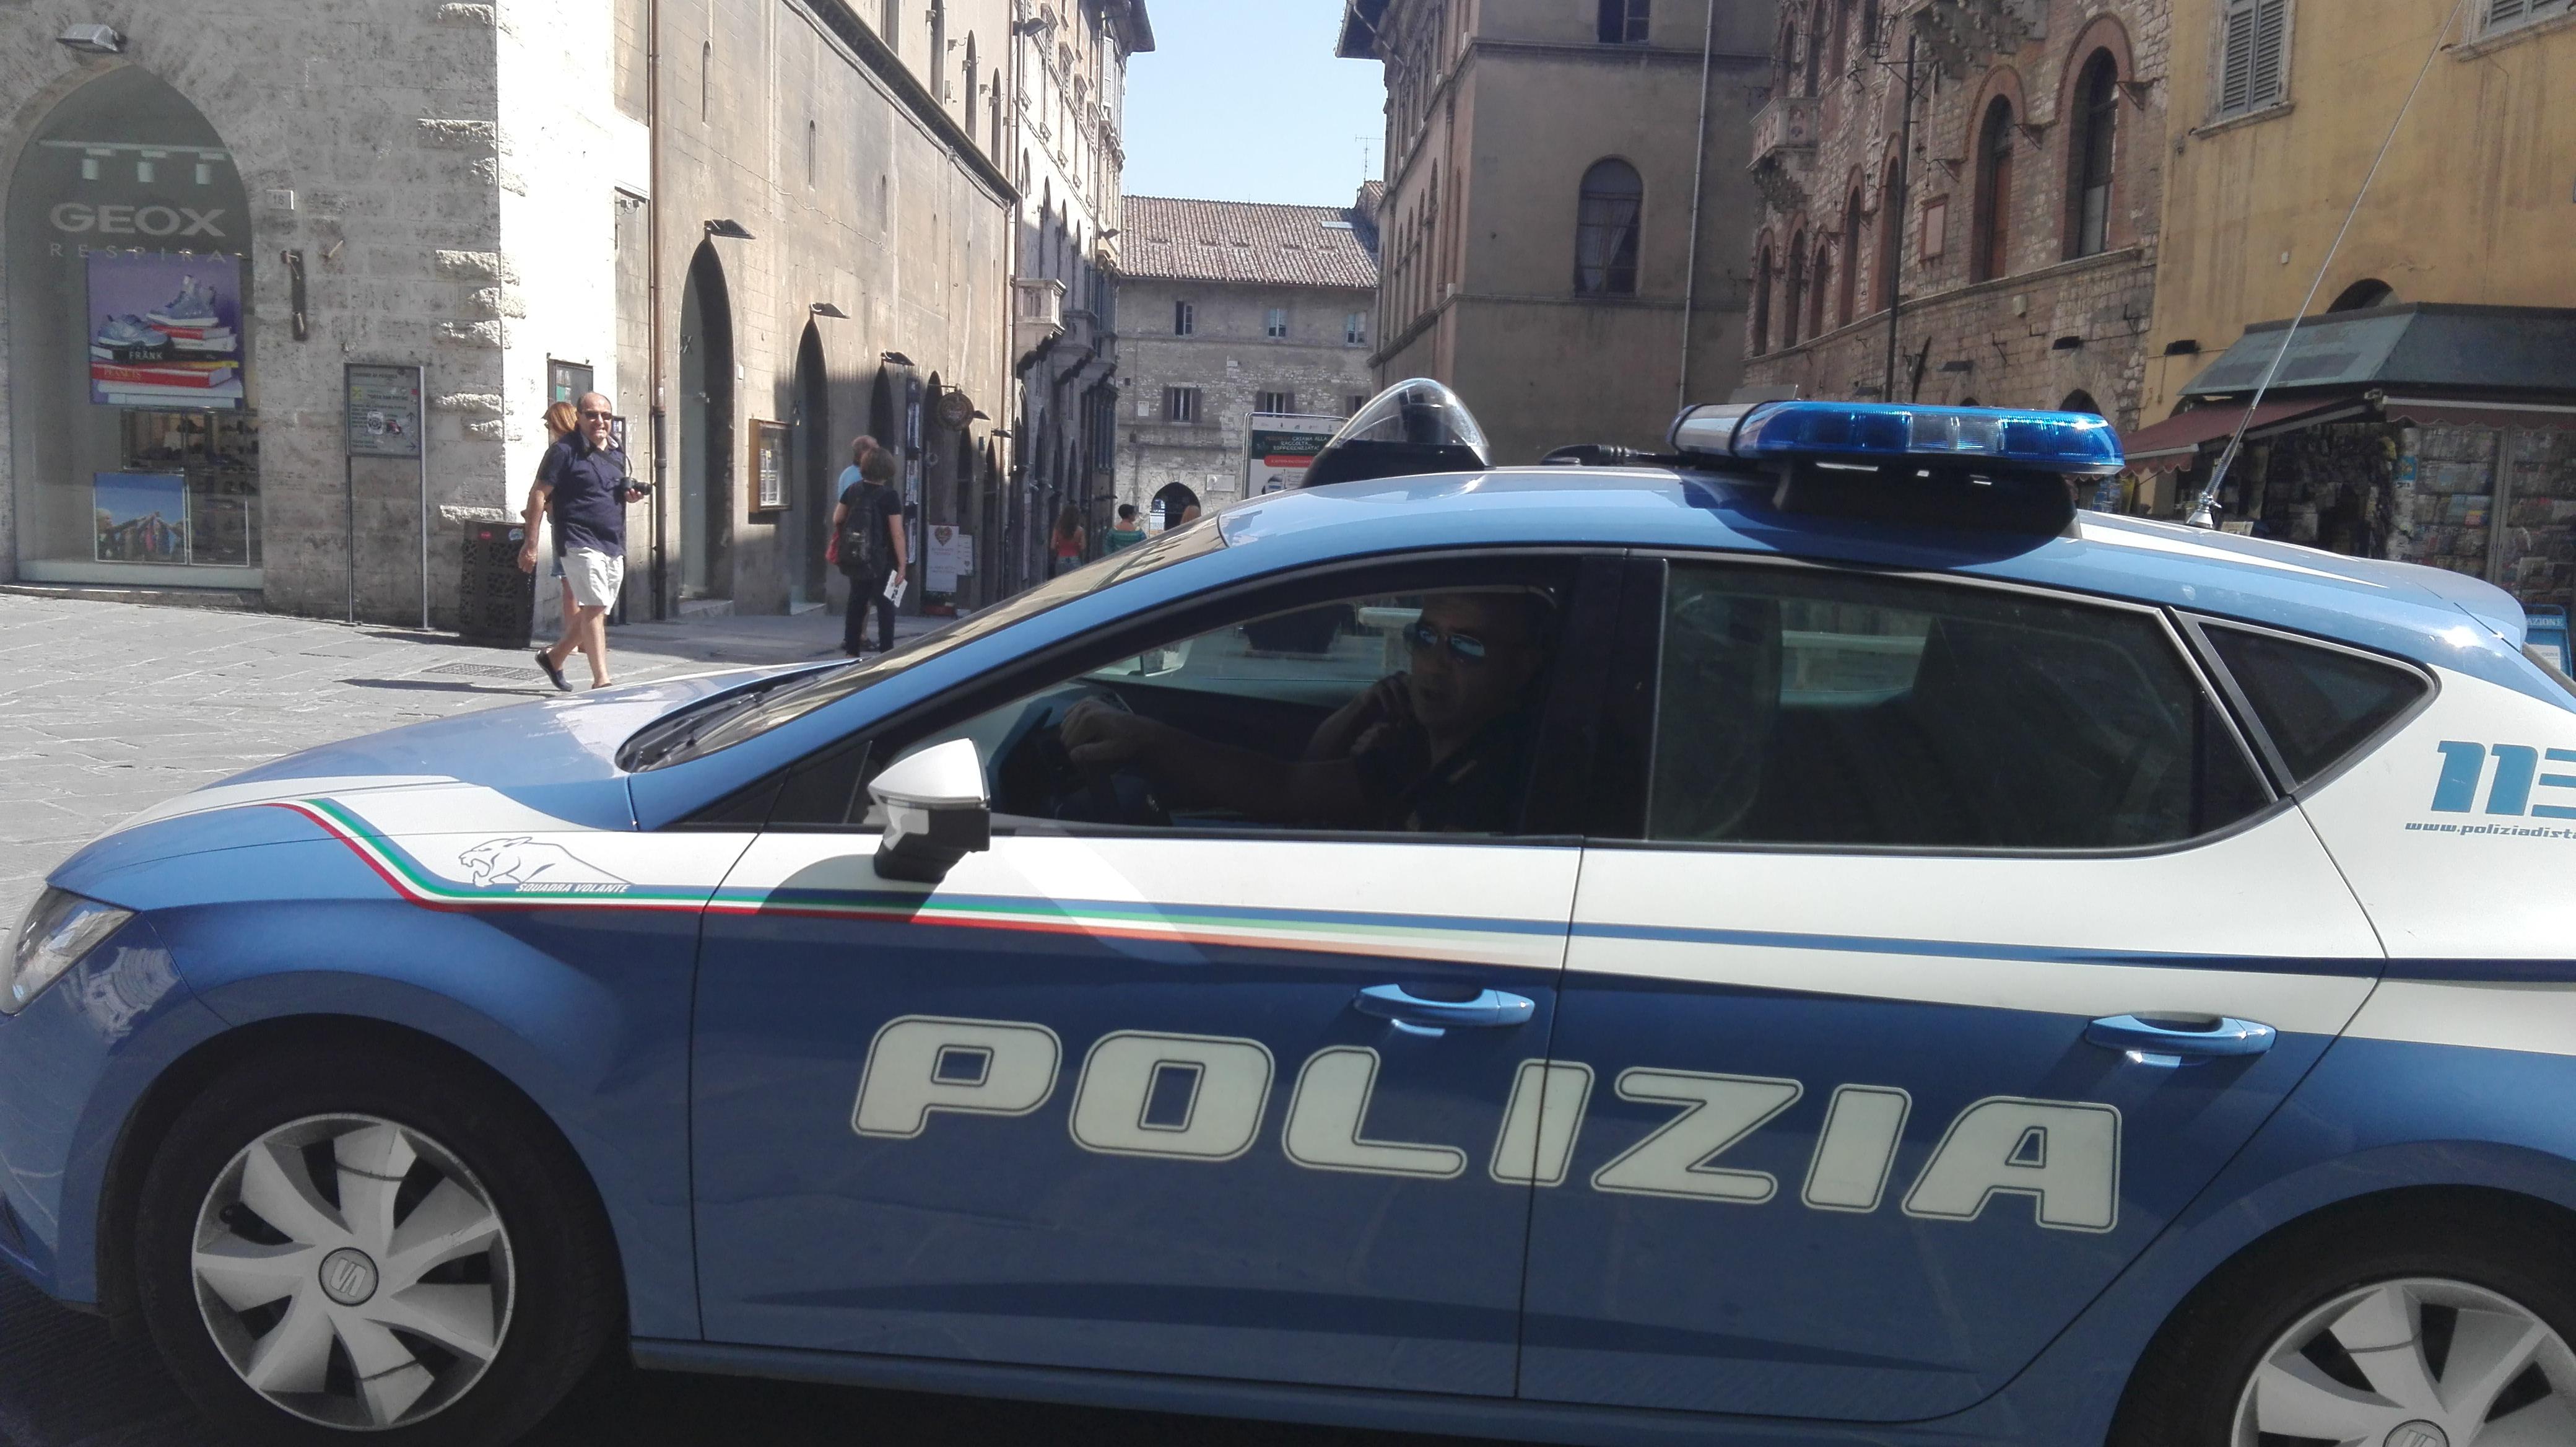 Polizia di stato questure sul web perugia for Polizia soggiorno